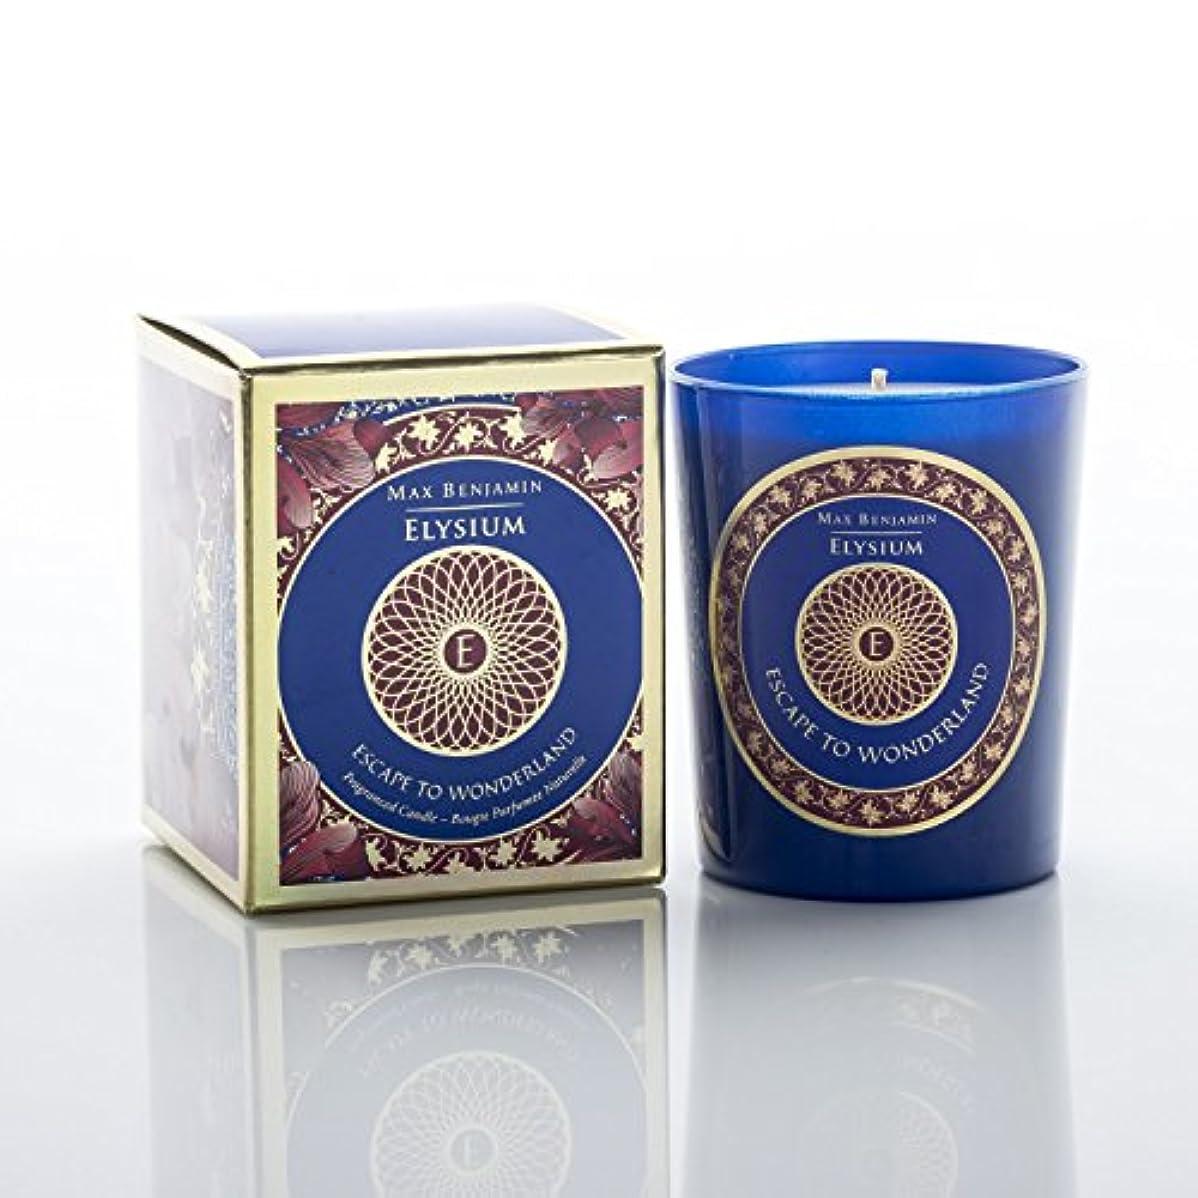 ボリューム可聴三角形Max Benjamin Elysium Candle香りつき190 gガラスJar MB-EC3